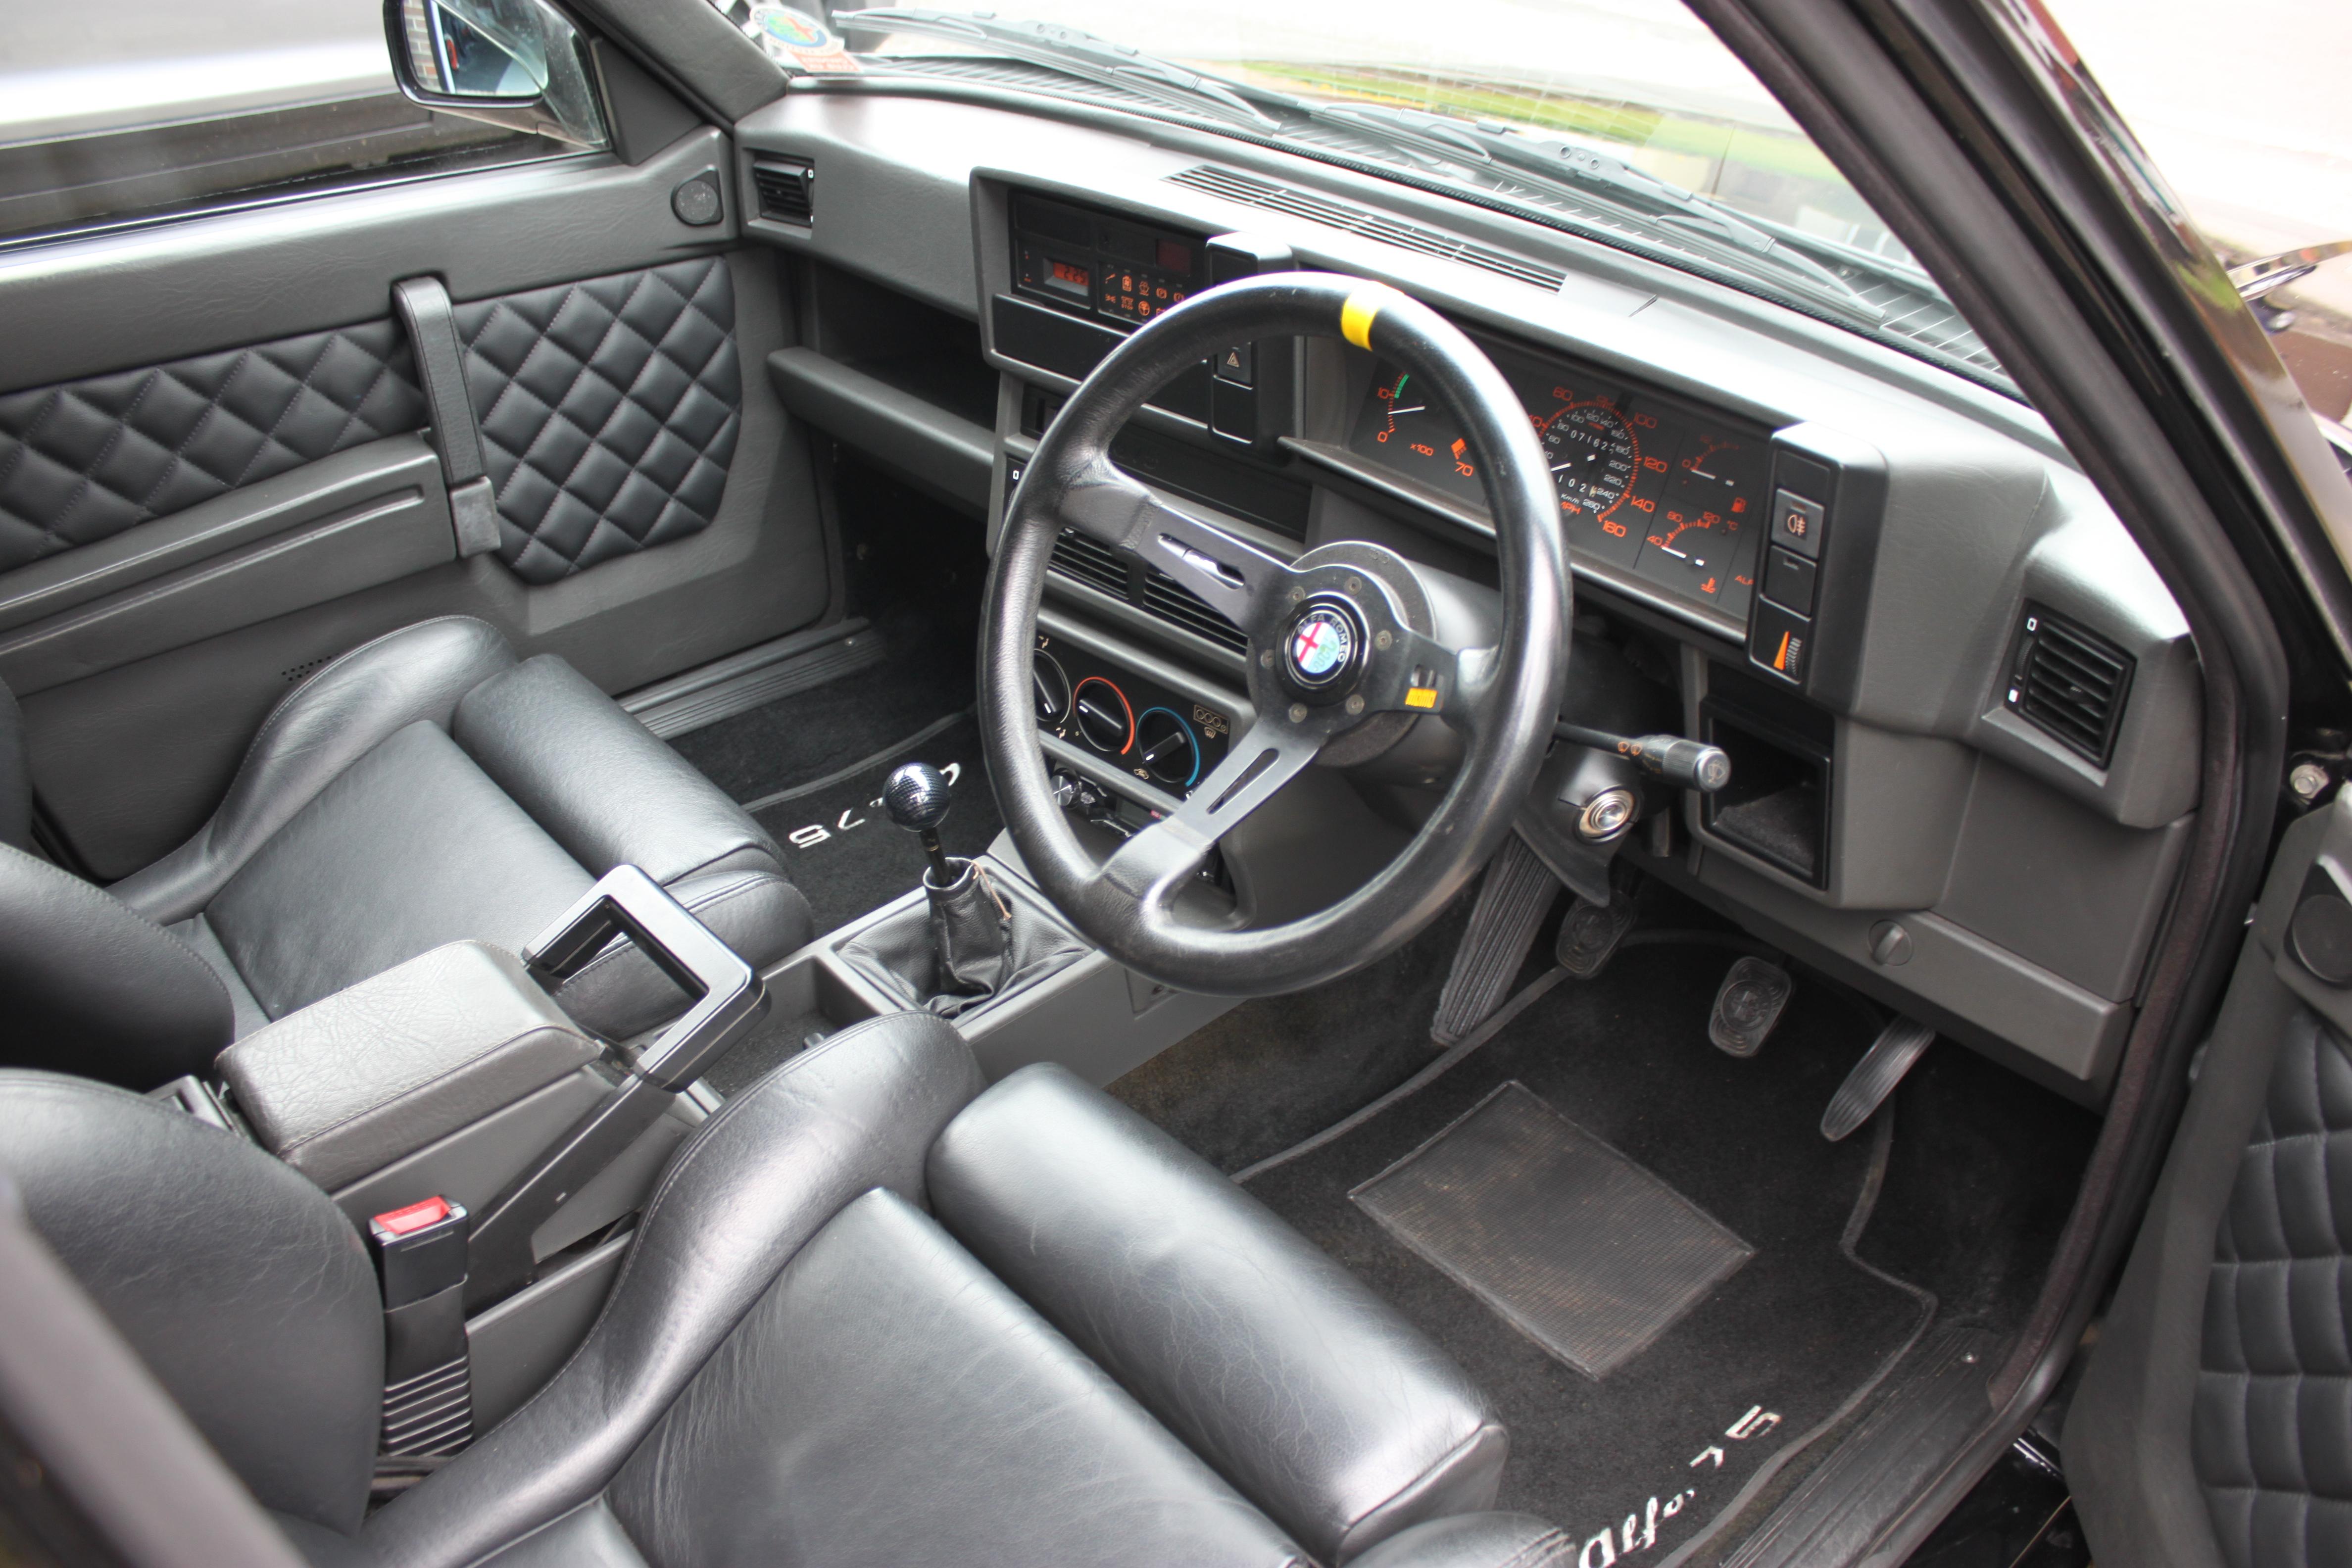 Alfa Romeo 75 interior